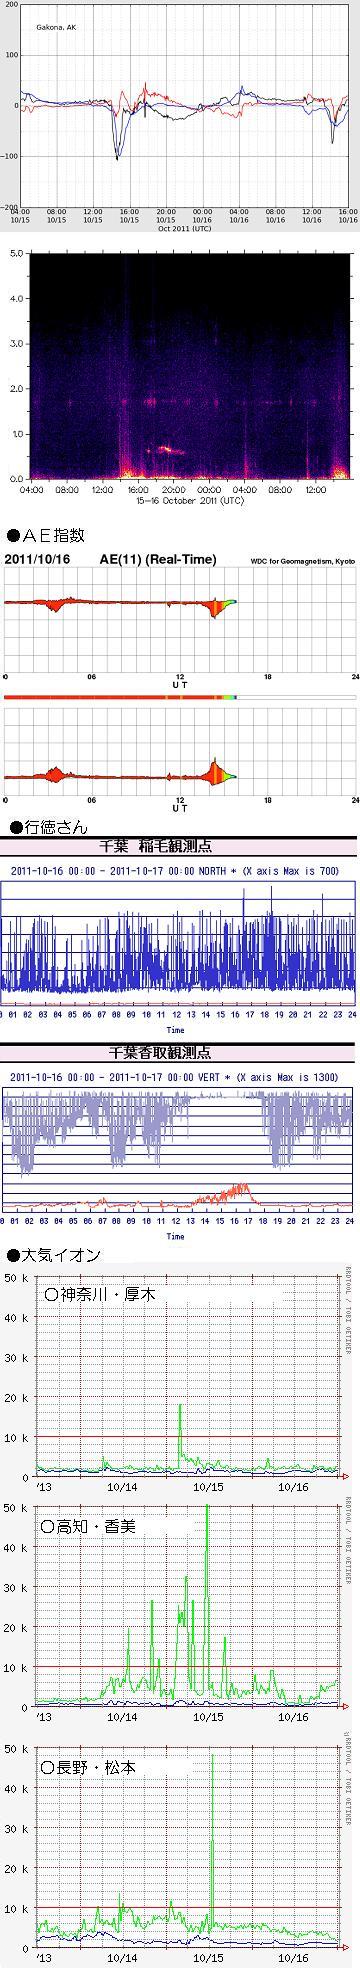 1017-1 データ